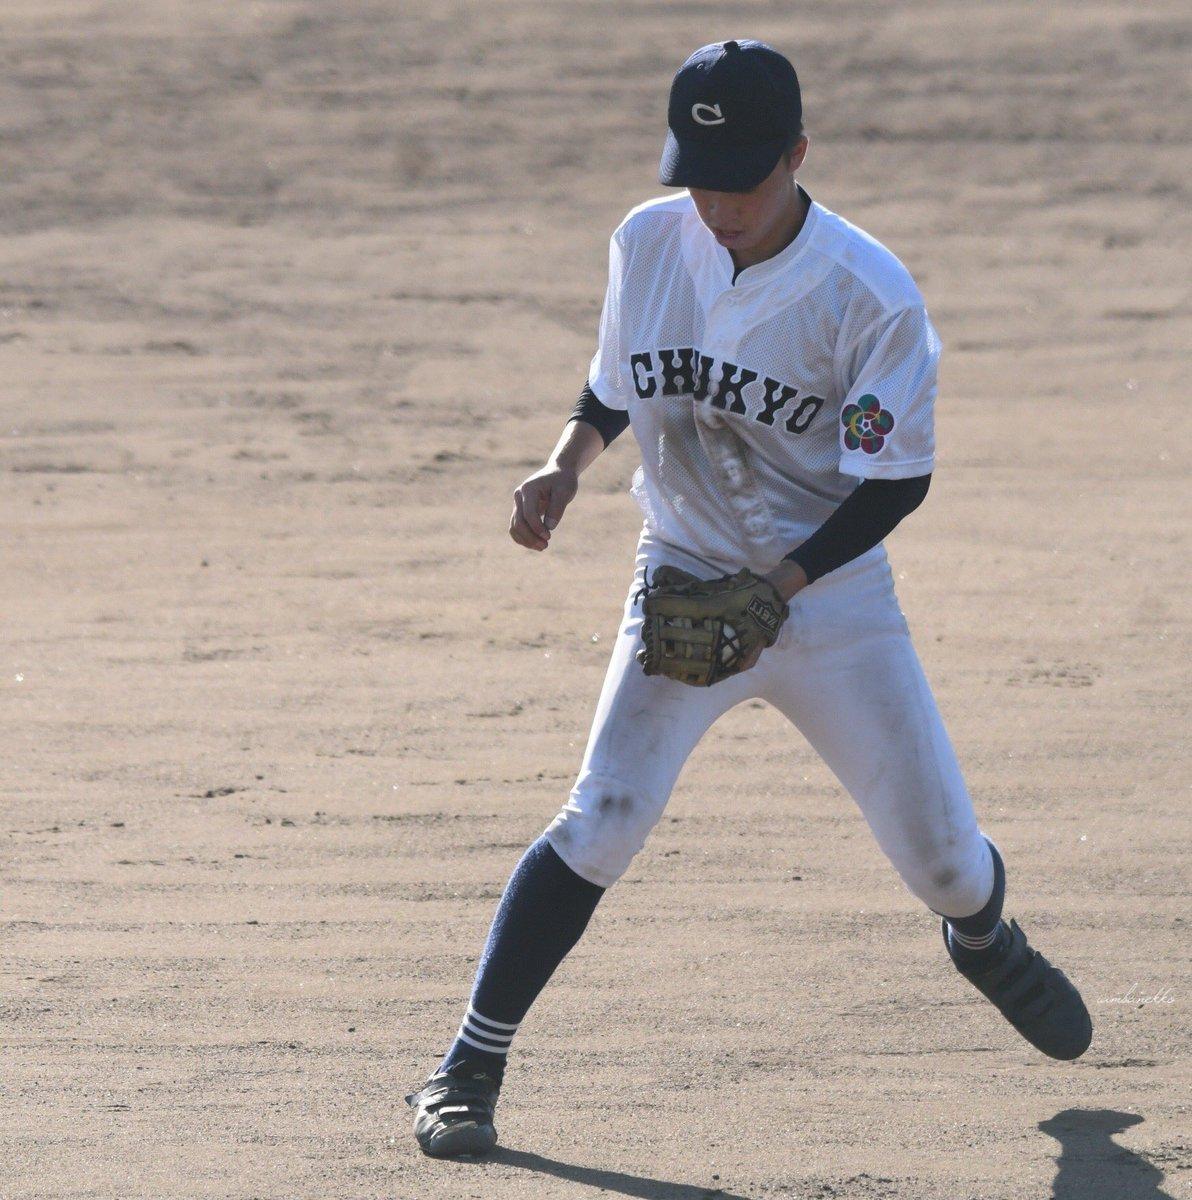 県 高校 一年生 大会 2020 愛知 野球